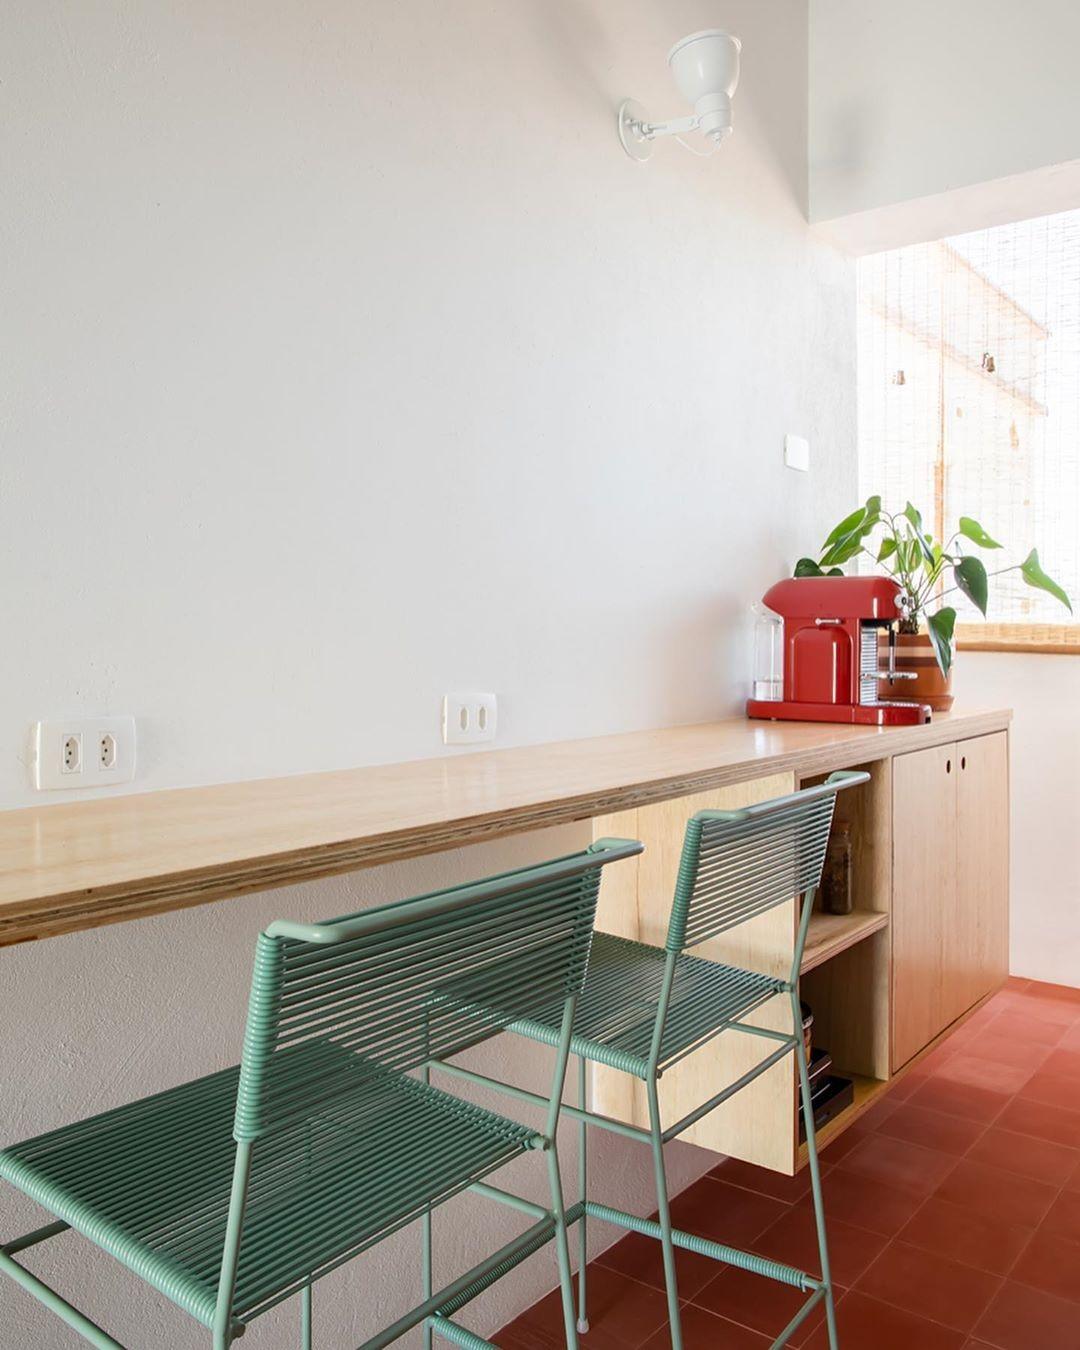 Décor do dia: cozinha com paleta neutra e ladrilho hidráulico  (Foto: Pedro Napolitano Prata)